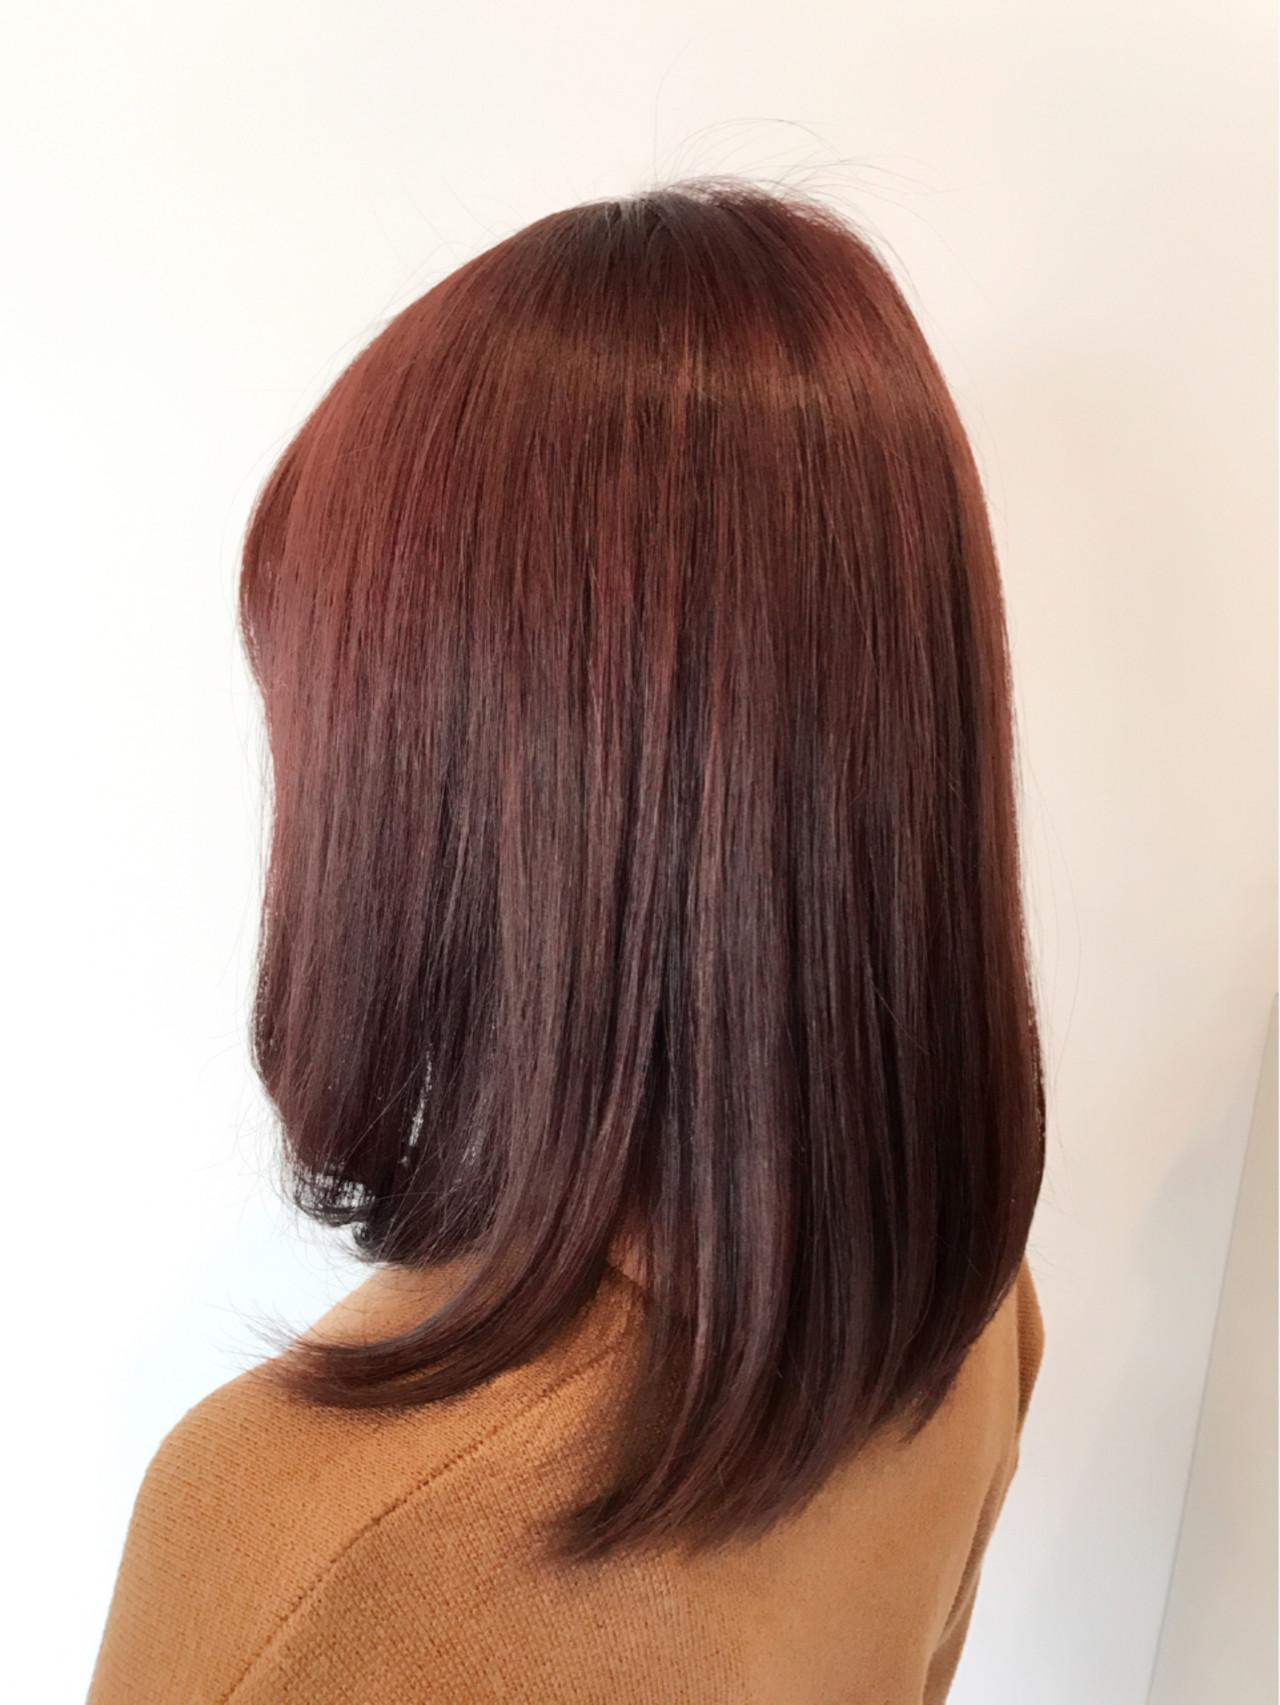 ガーリー 大人かわいい ハイライト 透明感 ヘアスタイルや髪型の写真・画像   Teppei / freelance